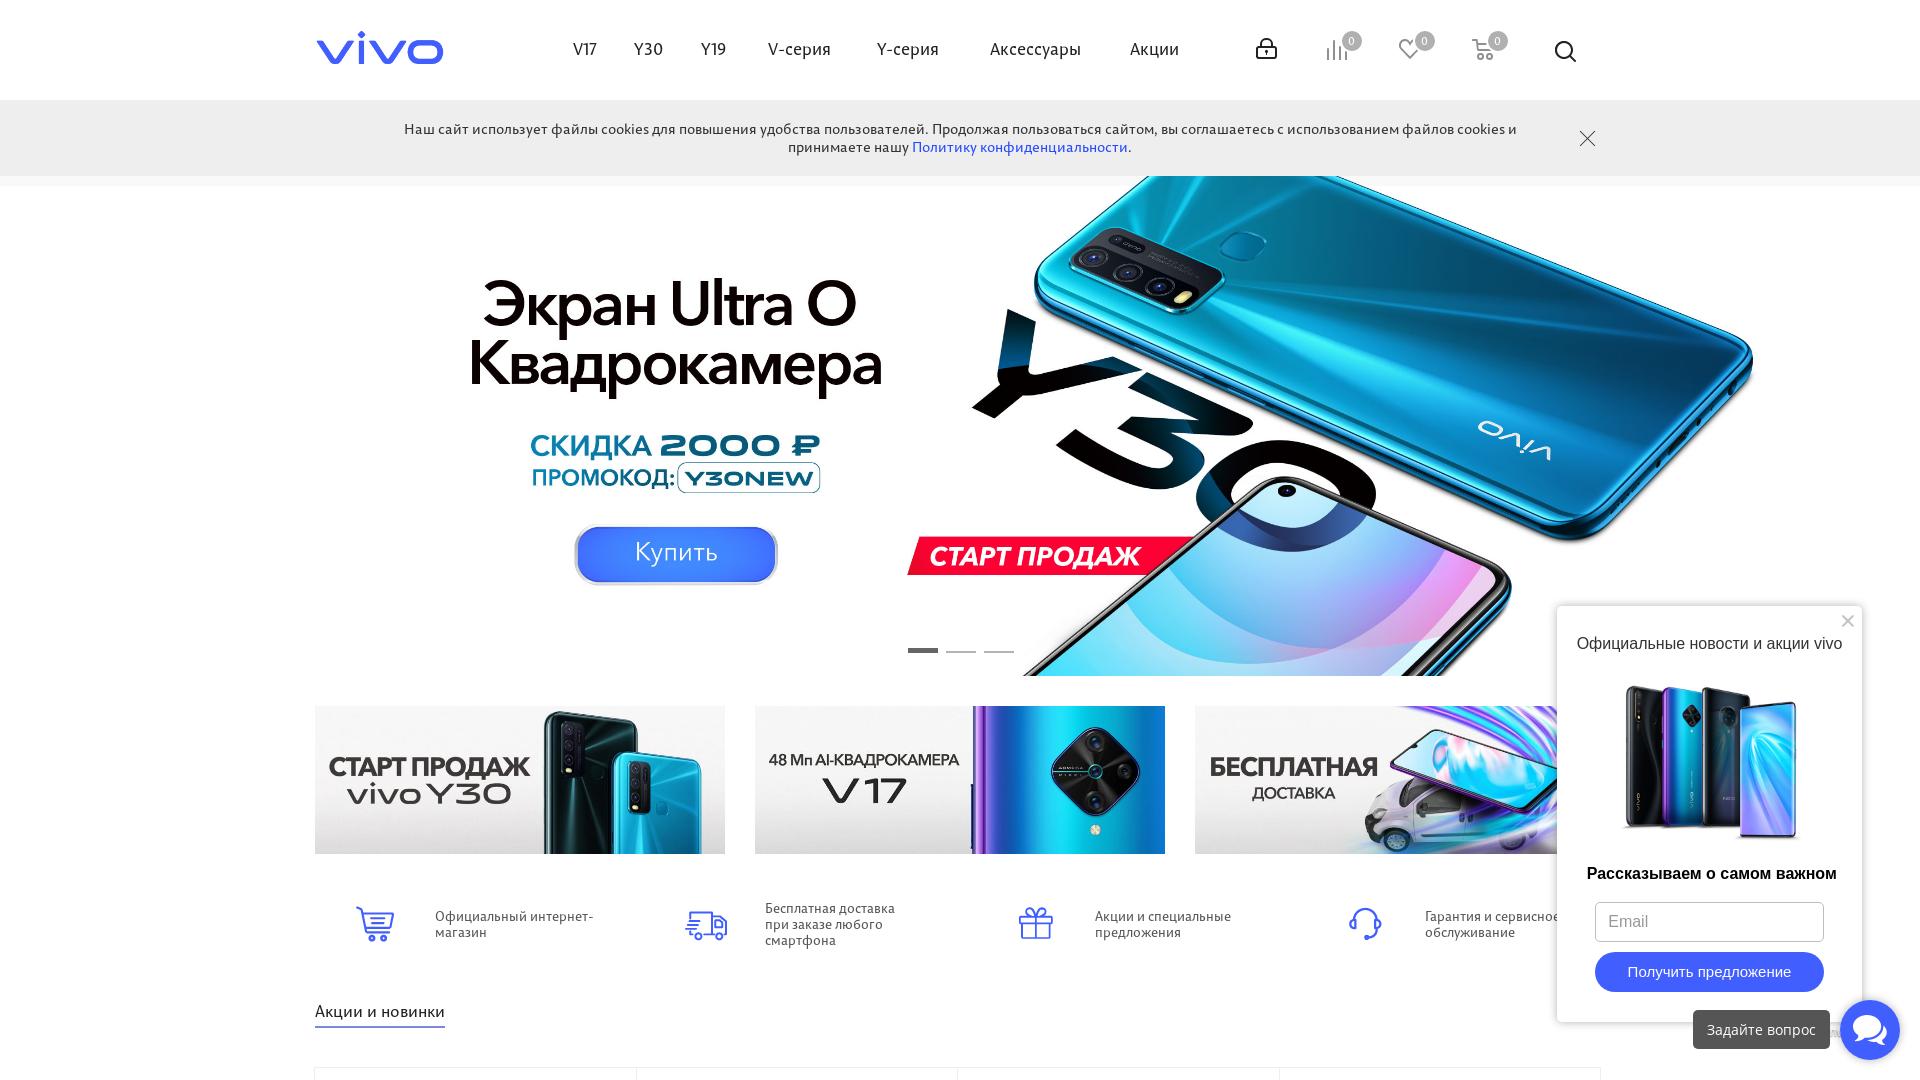 Vivo RU website